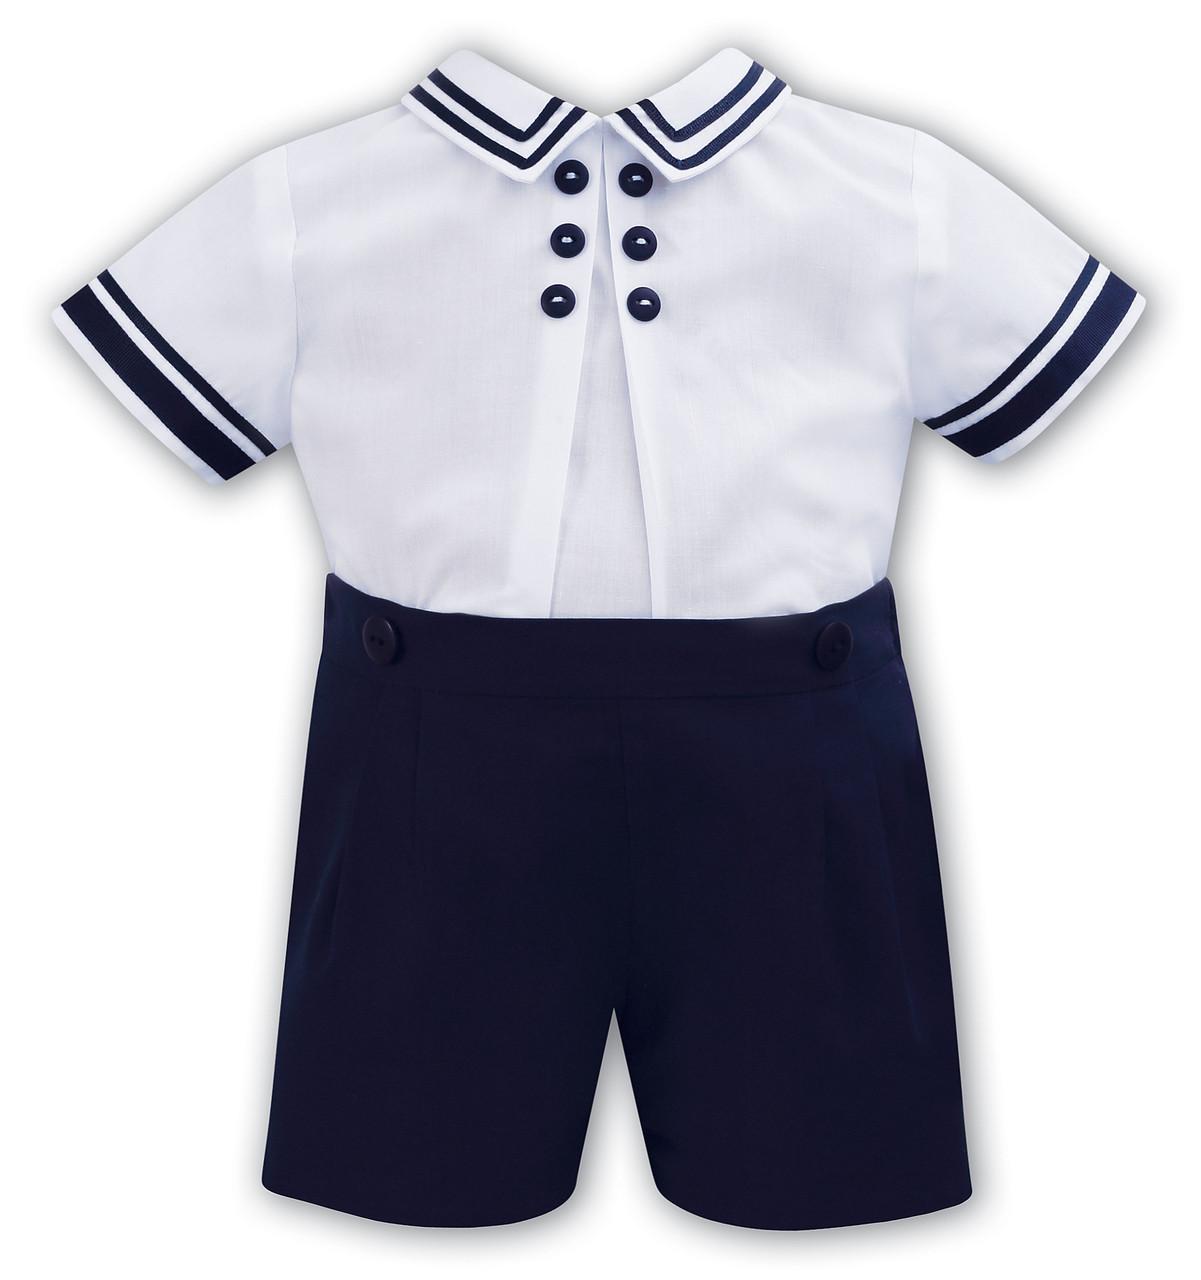 839a07d06c8dc SS18 Sarah louise nautical outfit boys